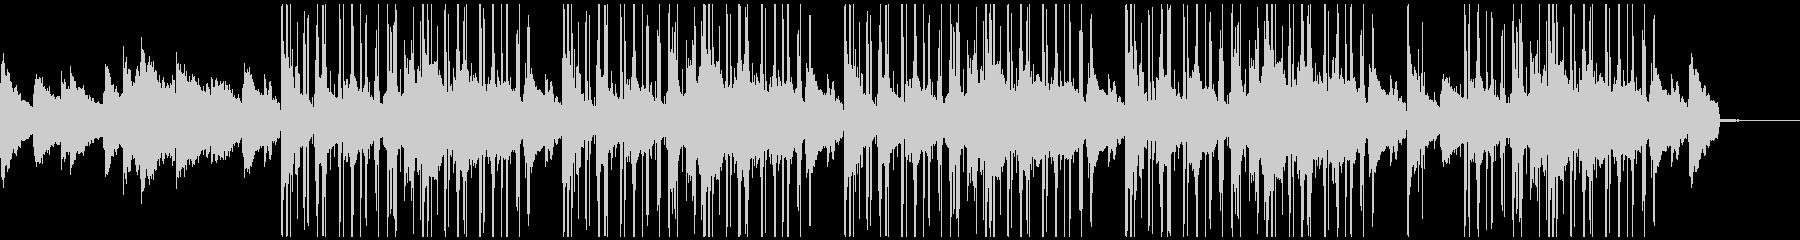 エレピ中心のオシャレなチルアウトBGMの未再生の波形